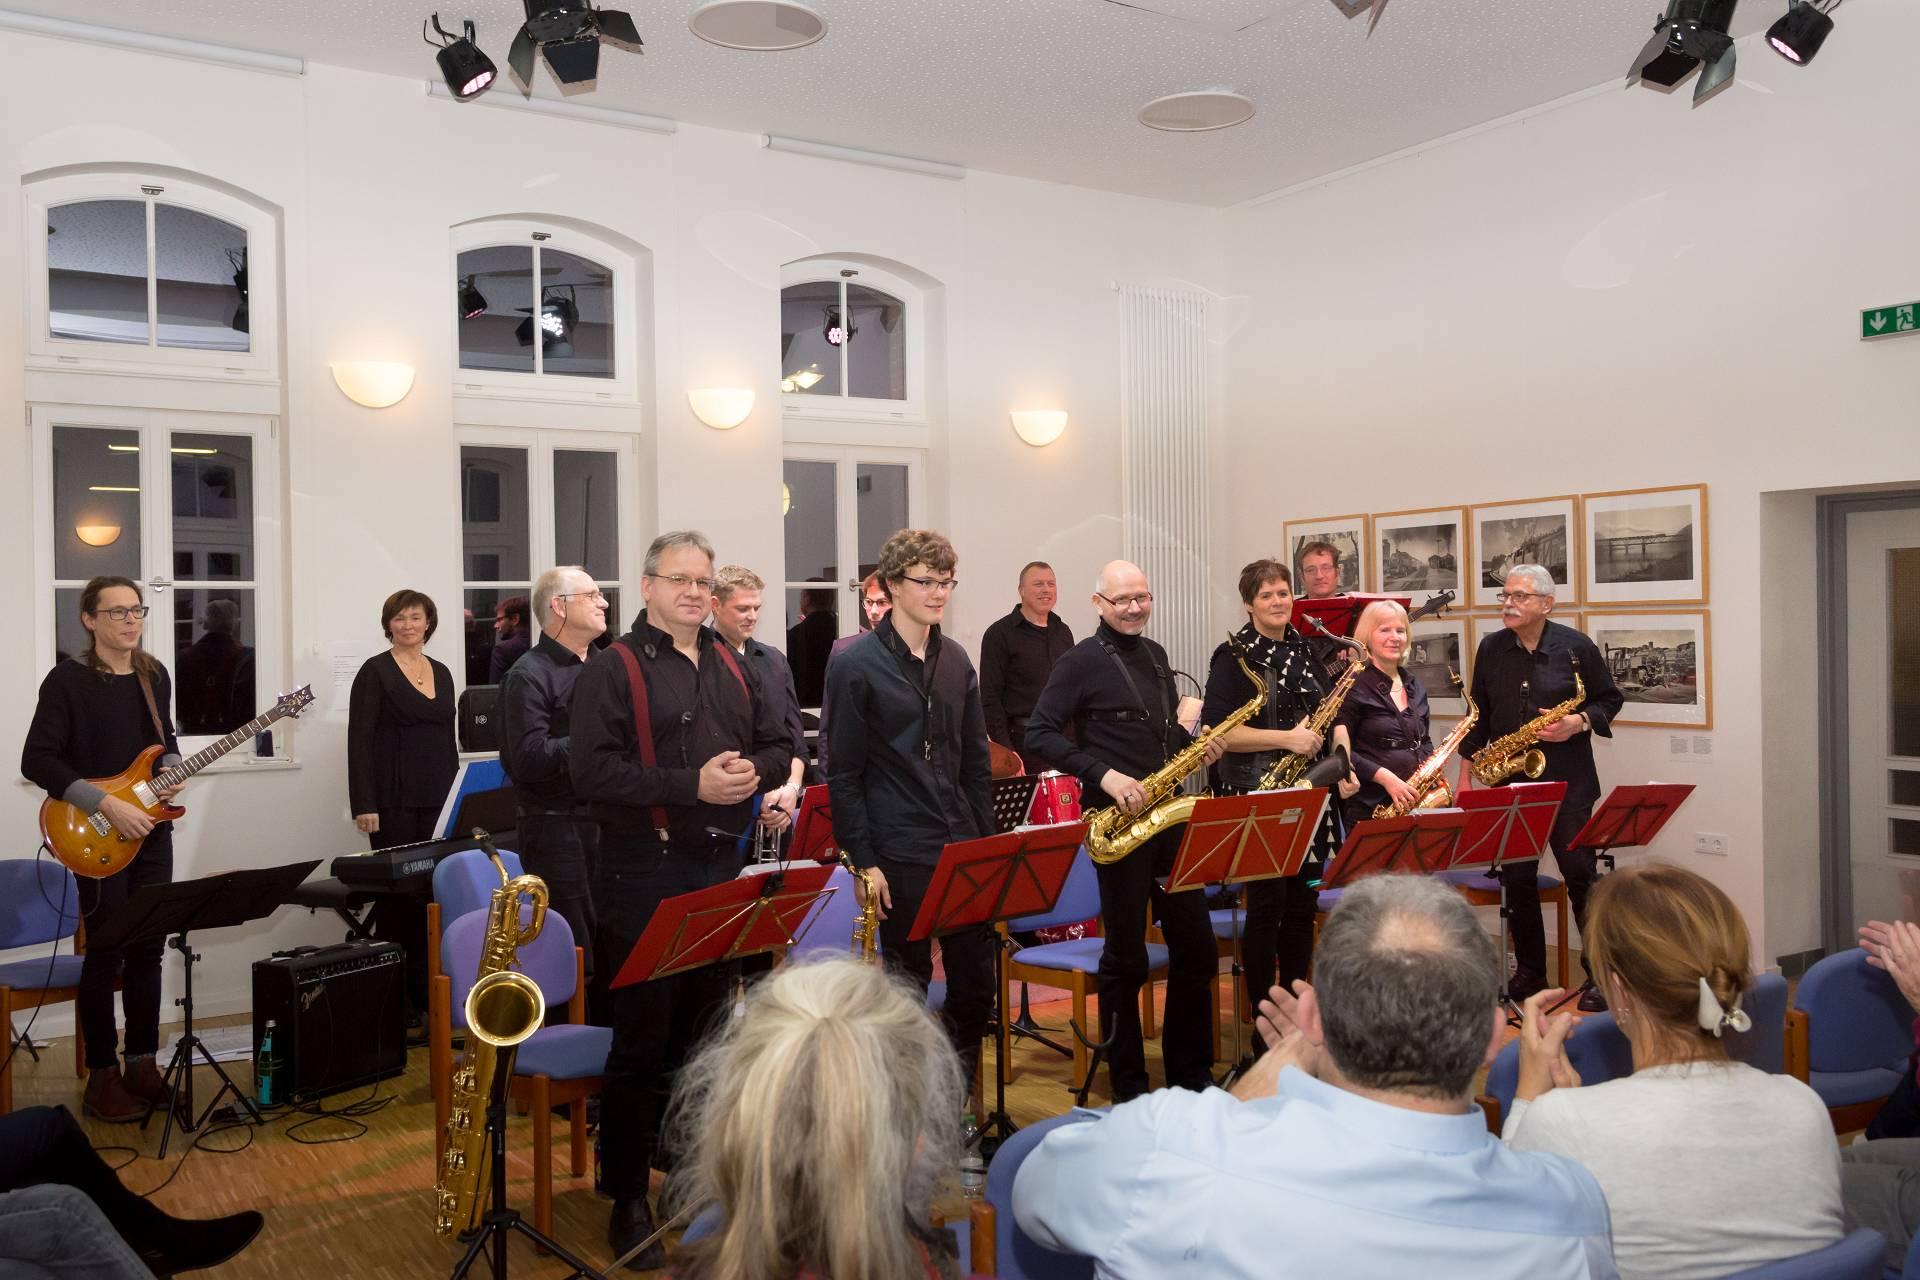 Die Band wurde nach dem Auftritt gefeiert (Fotos: Generationenverein Hümme).